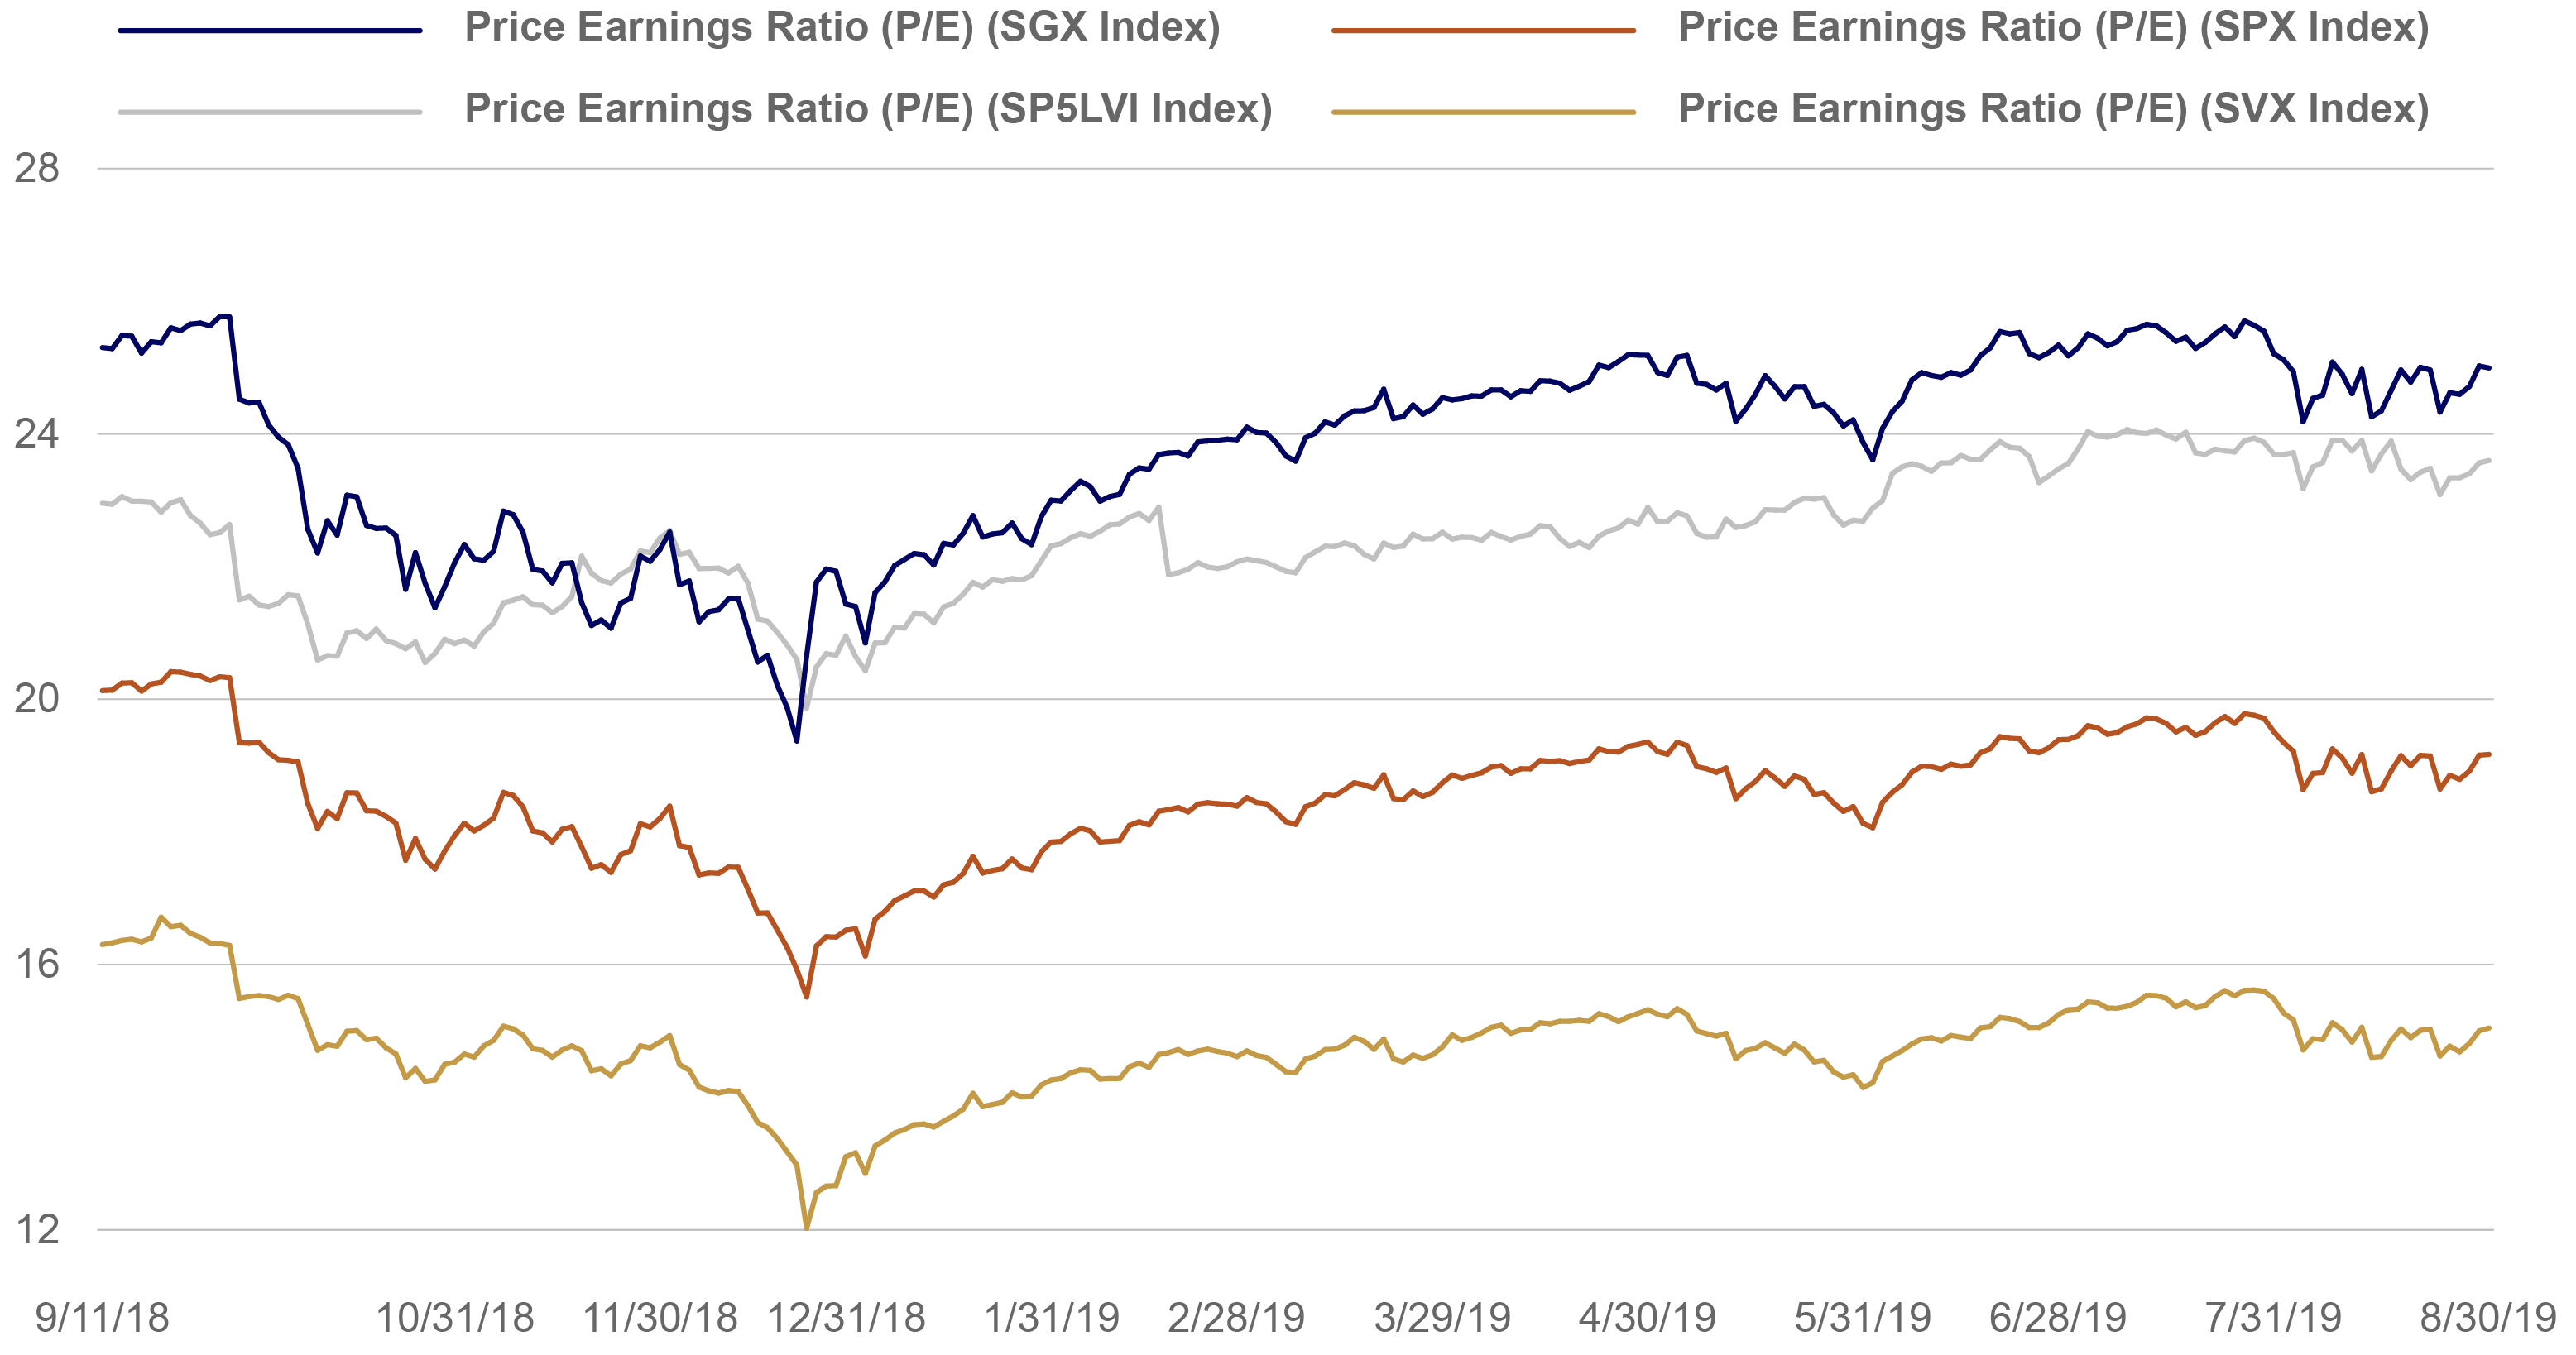 Price/Earnings